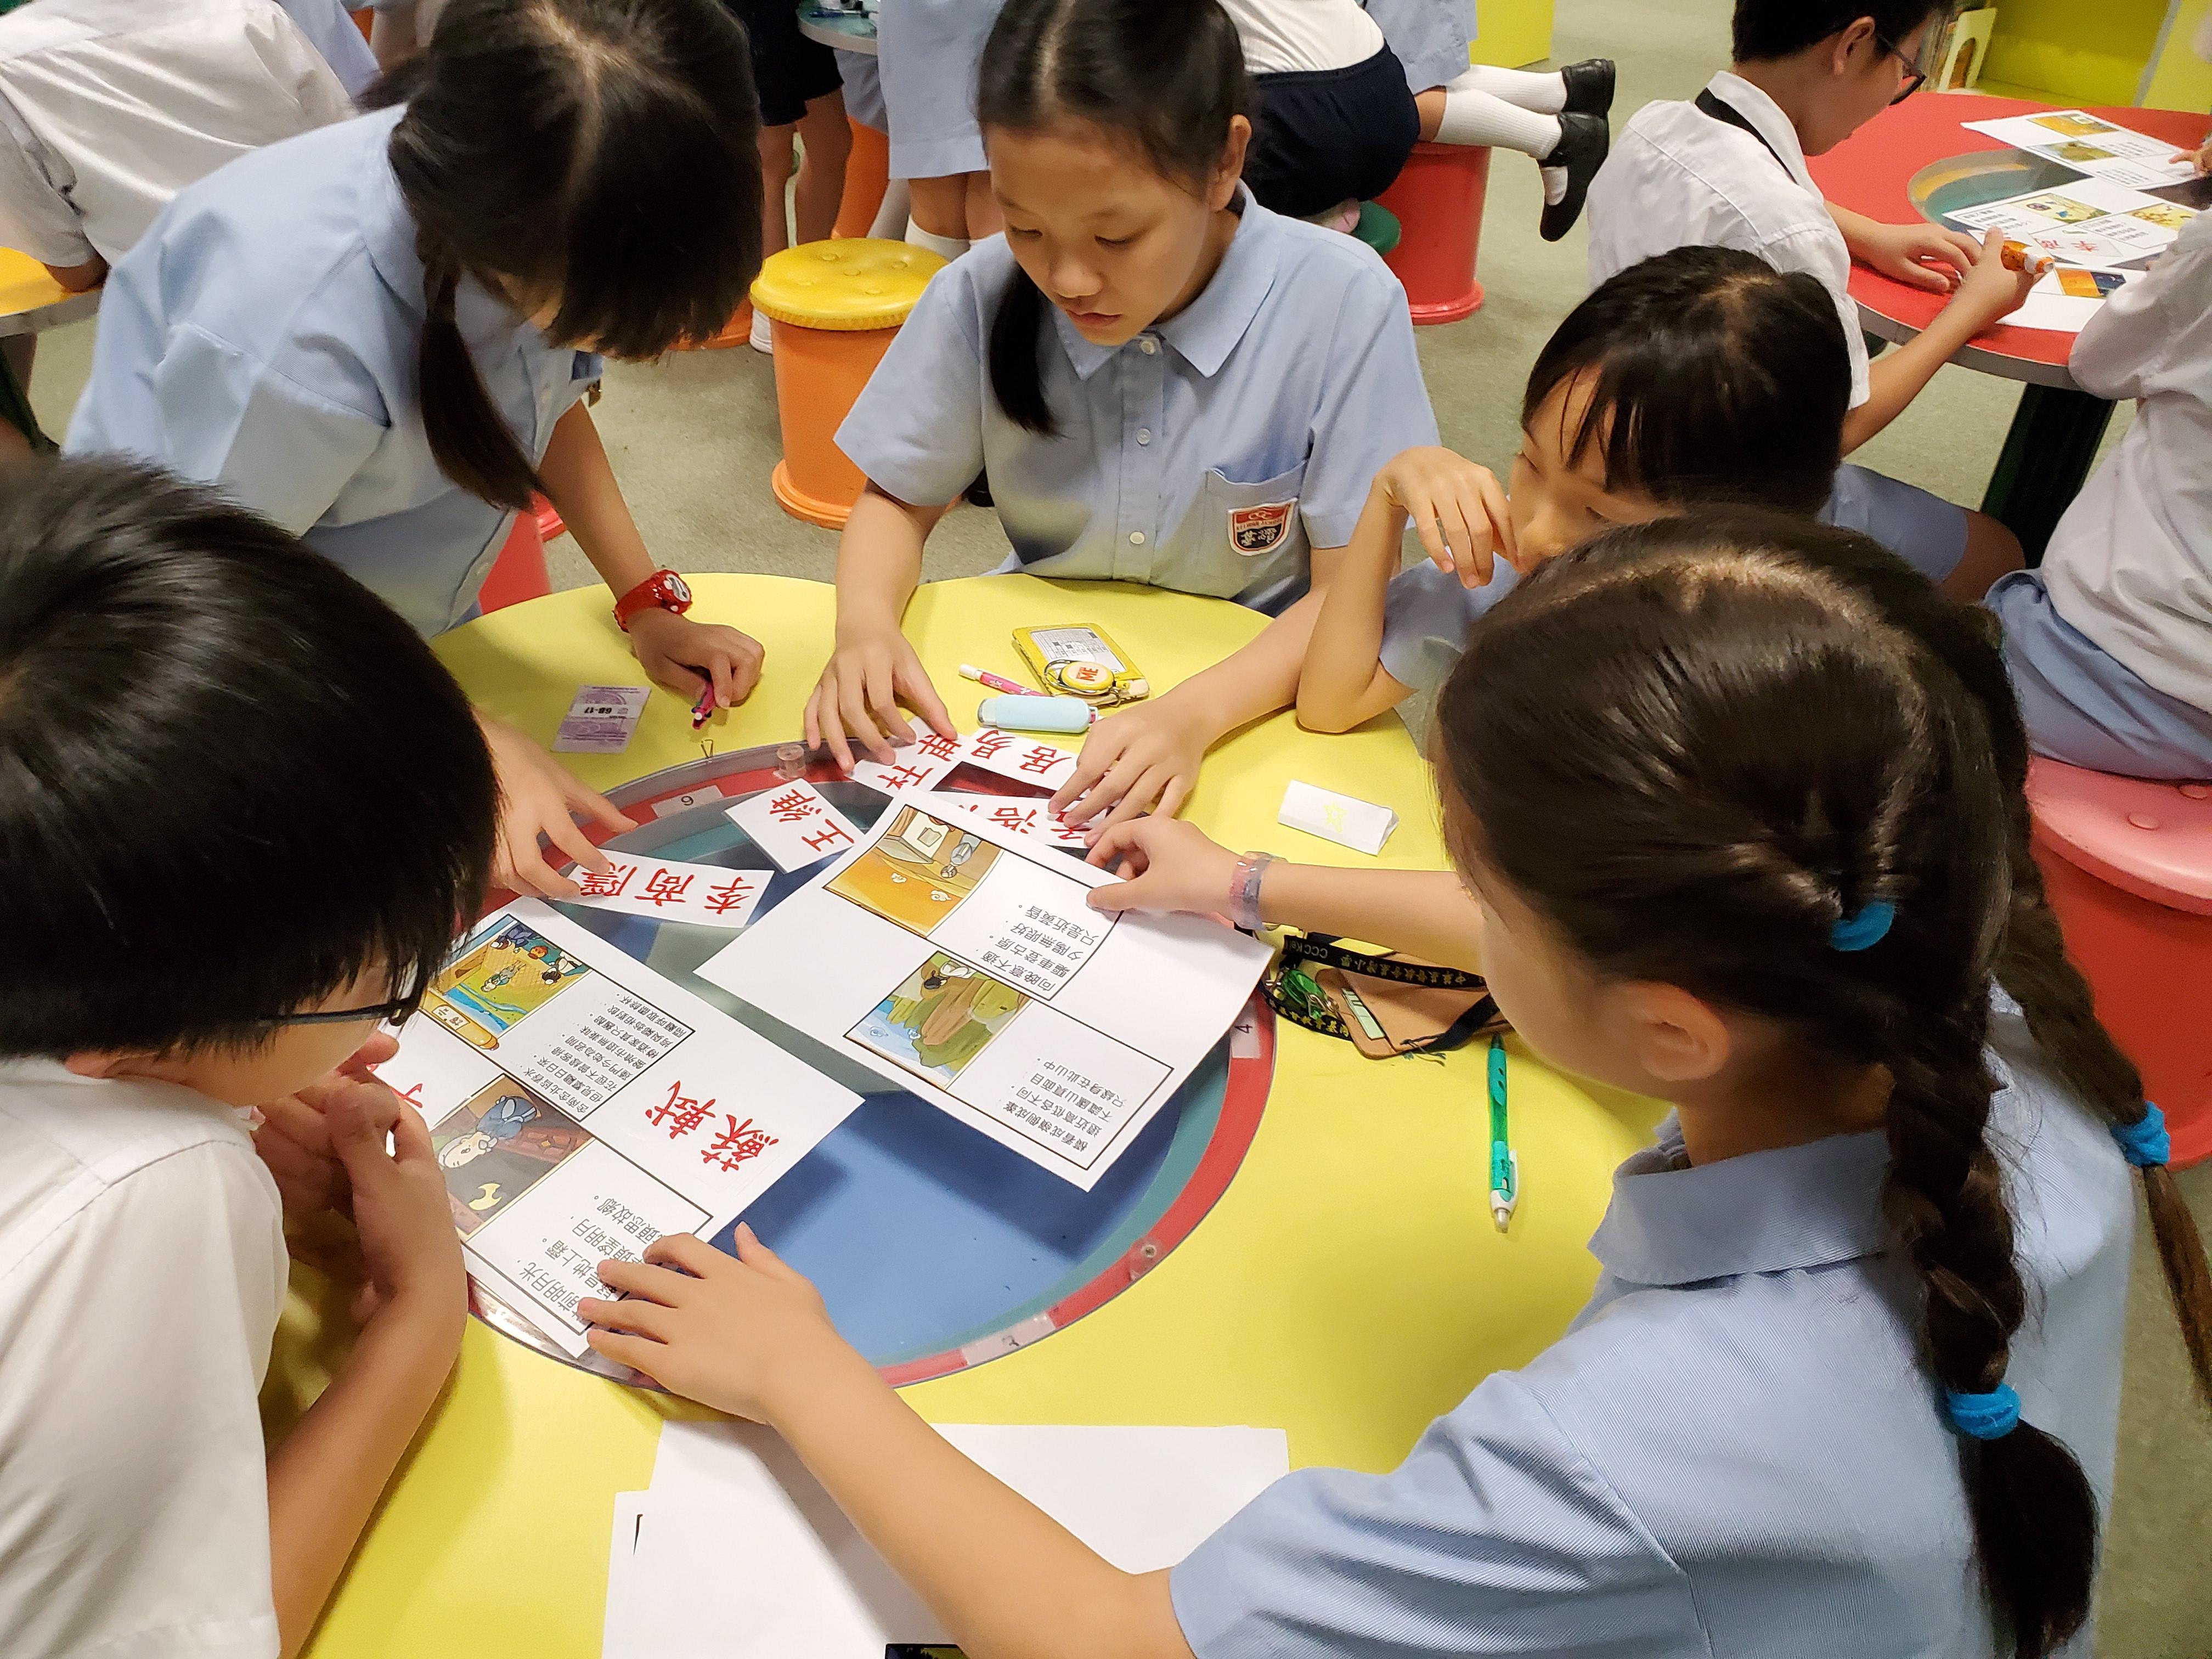 http://www.keiwan.edu.hk/sites/default/files/20191023_141810.jpg